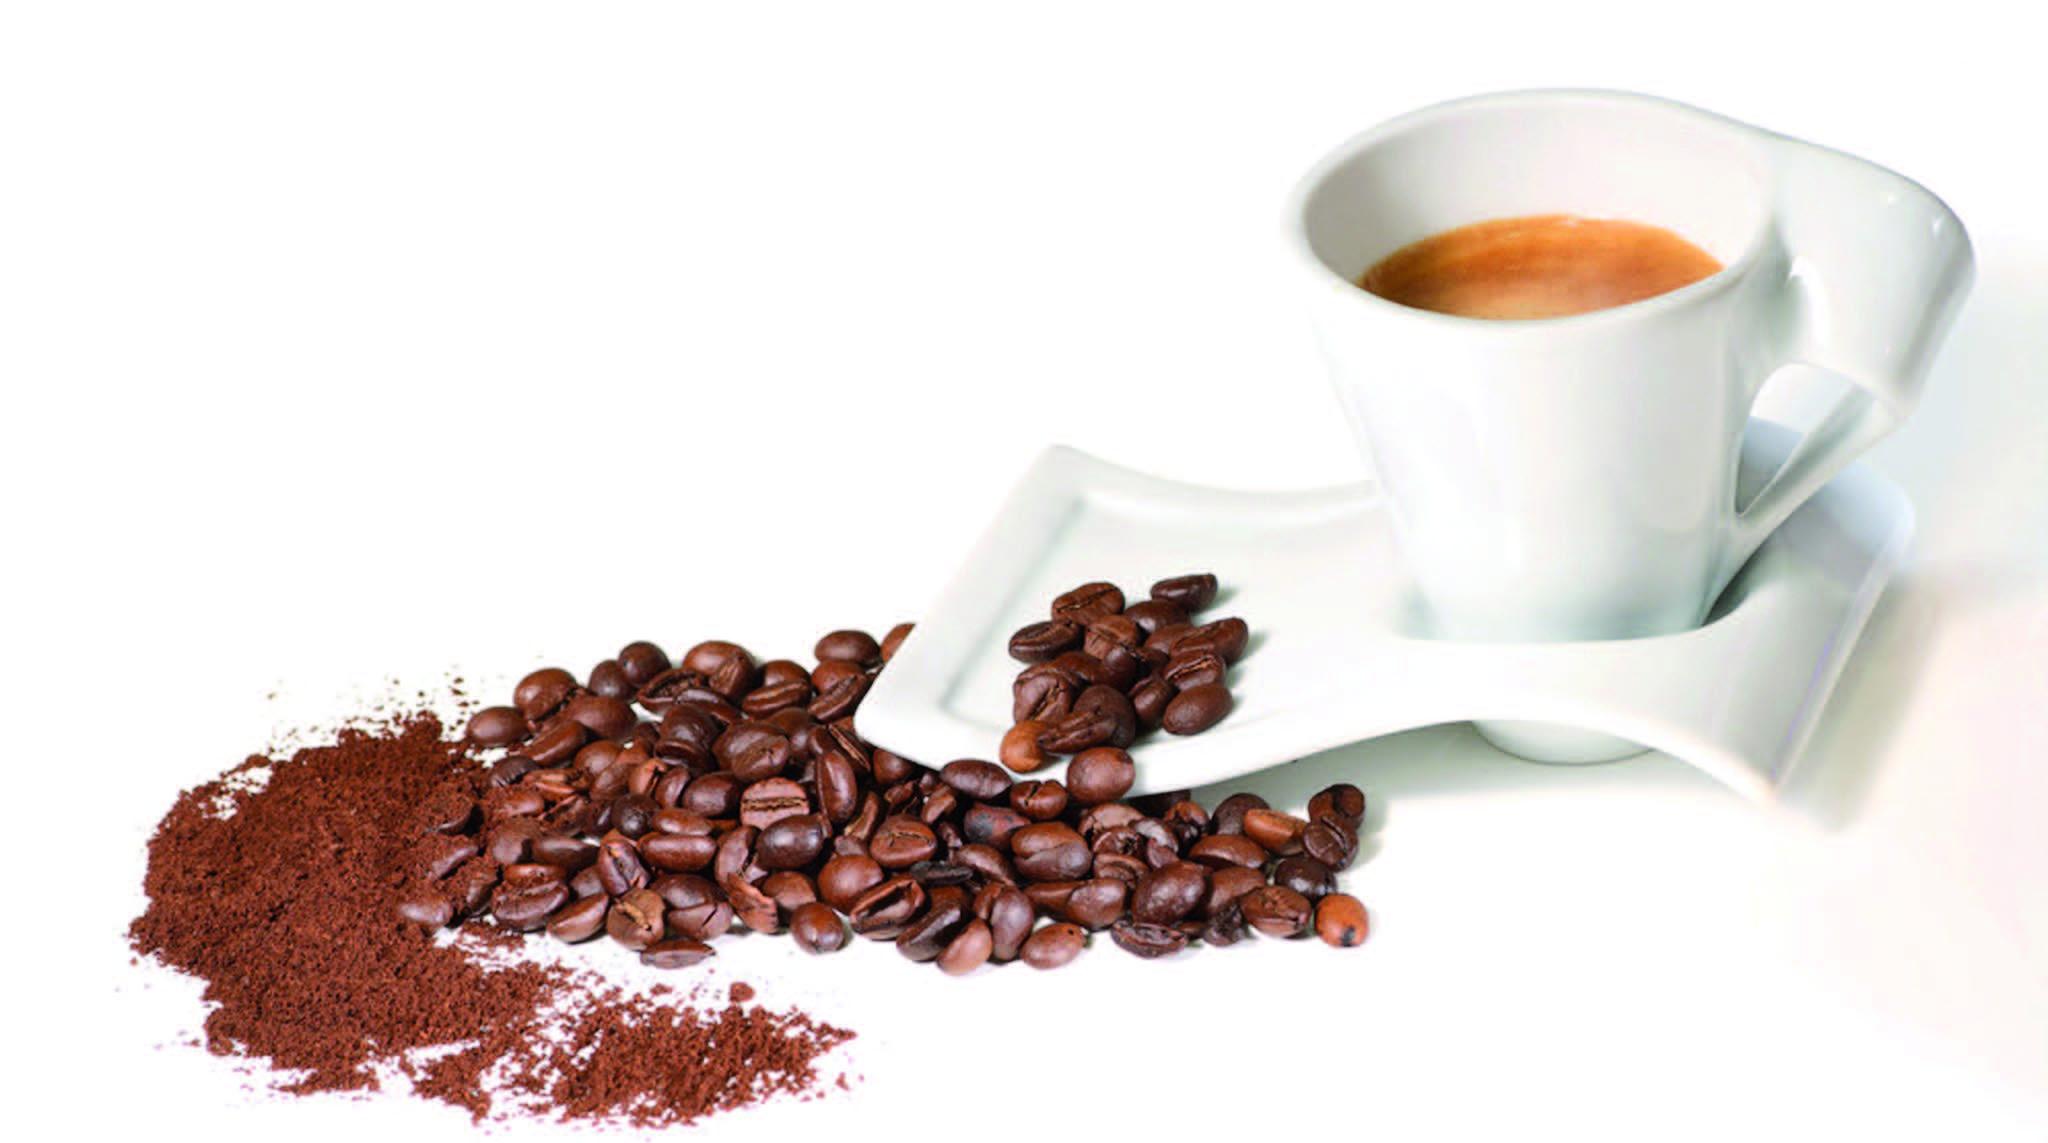 Saluti di Giugno Caffe210